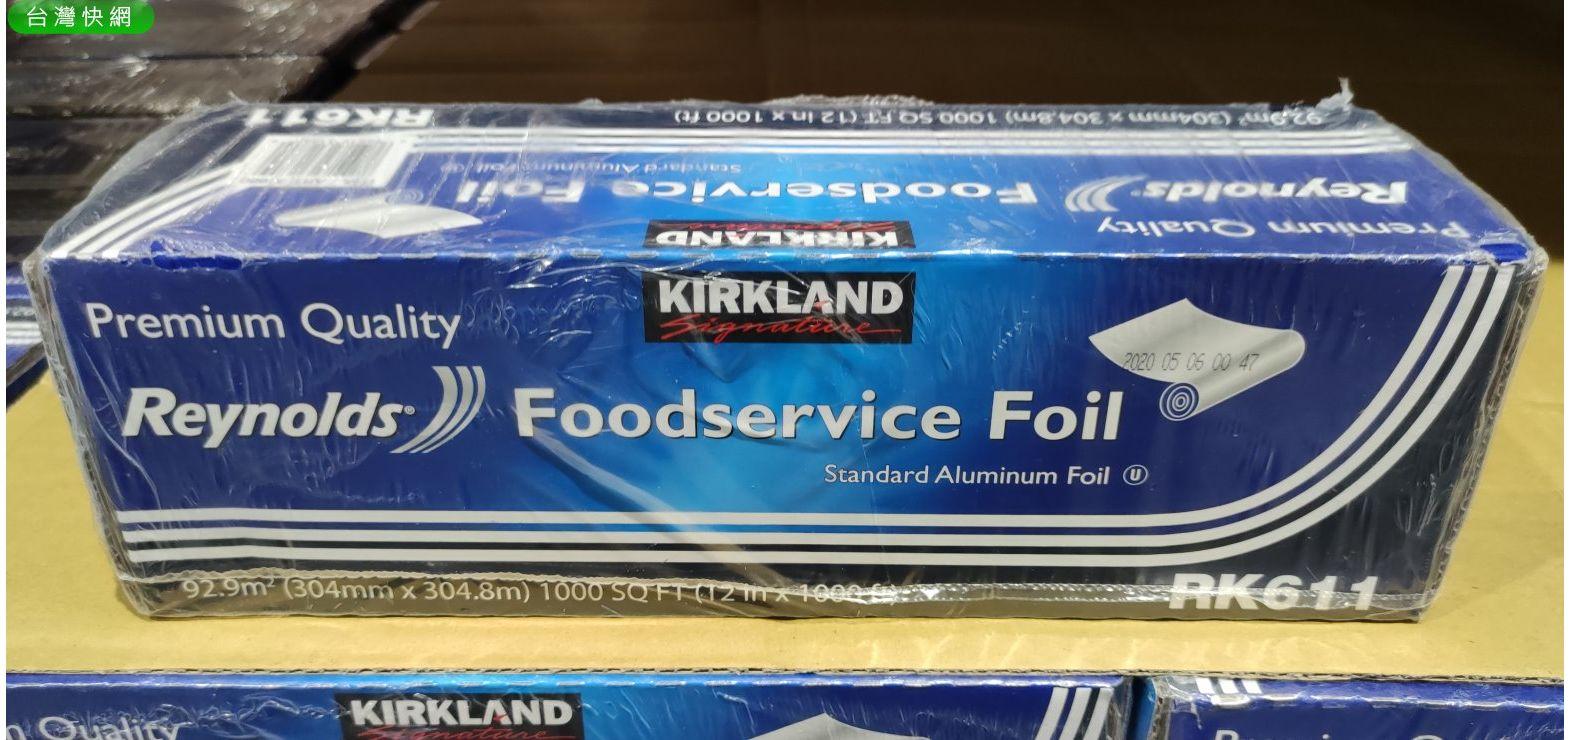 好市多 Kirkland Signature 科克蘭 鋁箔紙 30.4公分 X 304.8公尺